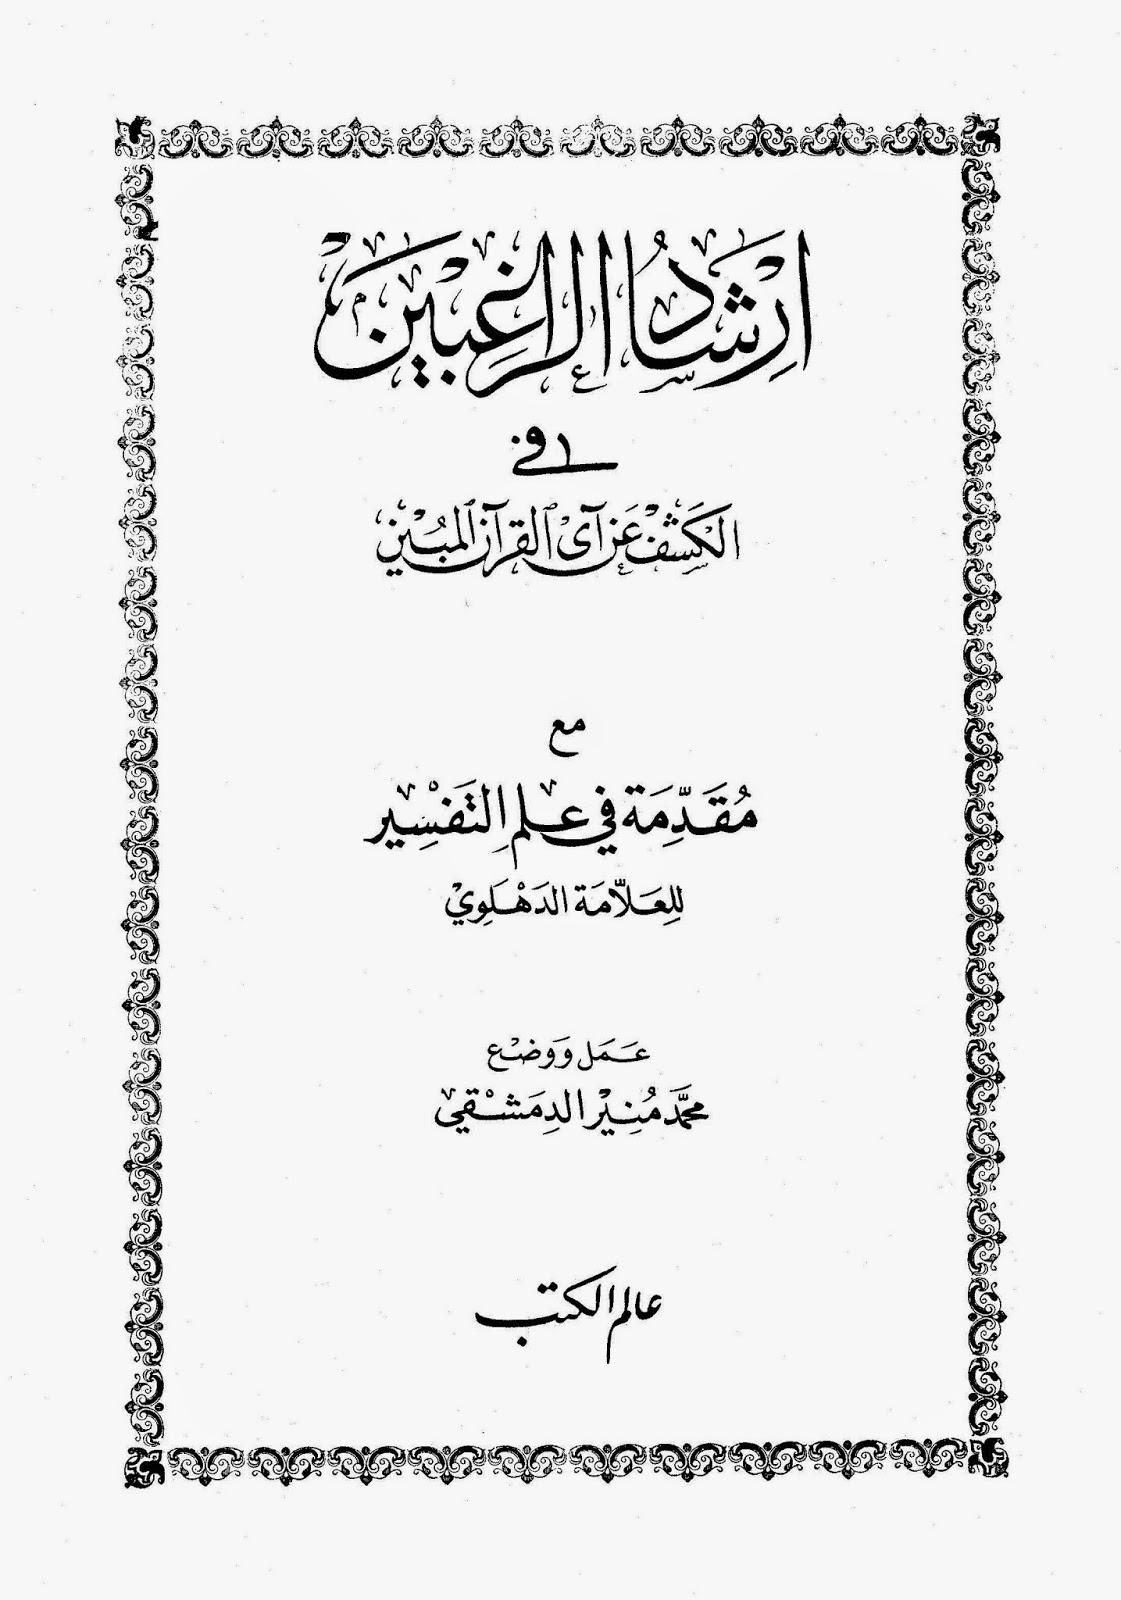 إرشاد الراغبين في الكشف عن آي القرآن المبين مع مقدمة في علم التفسير - للعلامة الدهلوي pdf